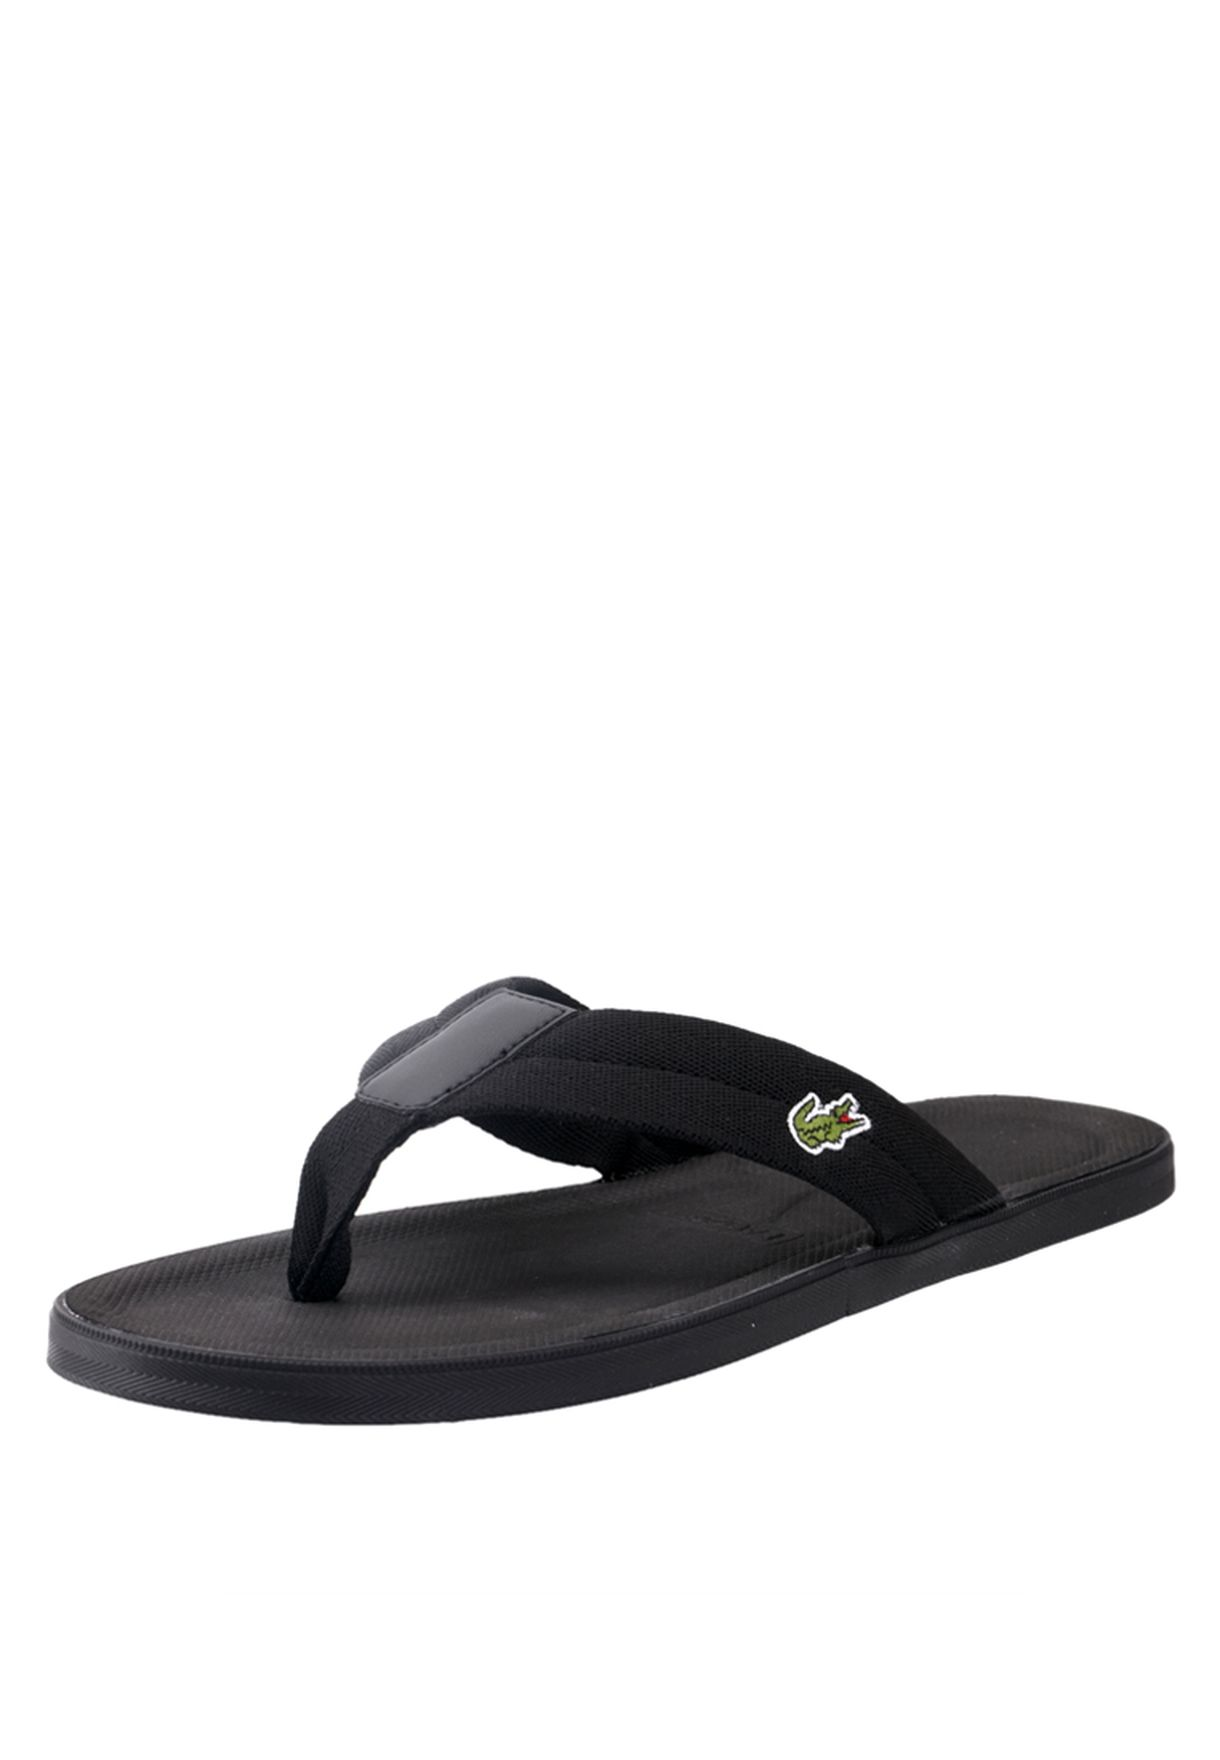 5883fdb298a7 Shop Lacoste black Casual Flipflops 25SPM4017-02H for Men in UAE ...